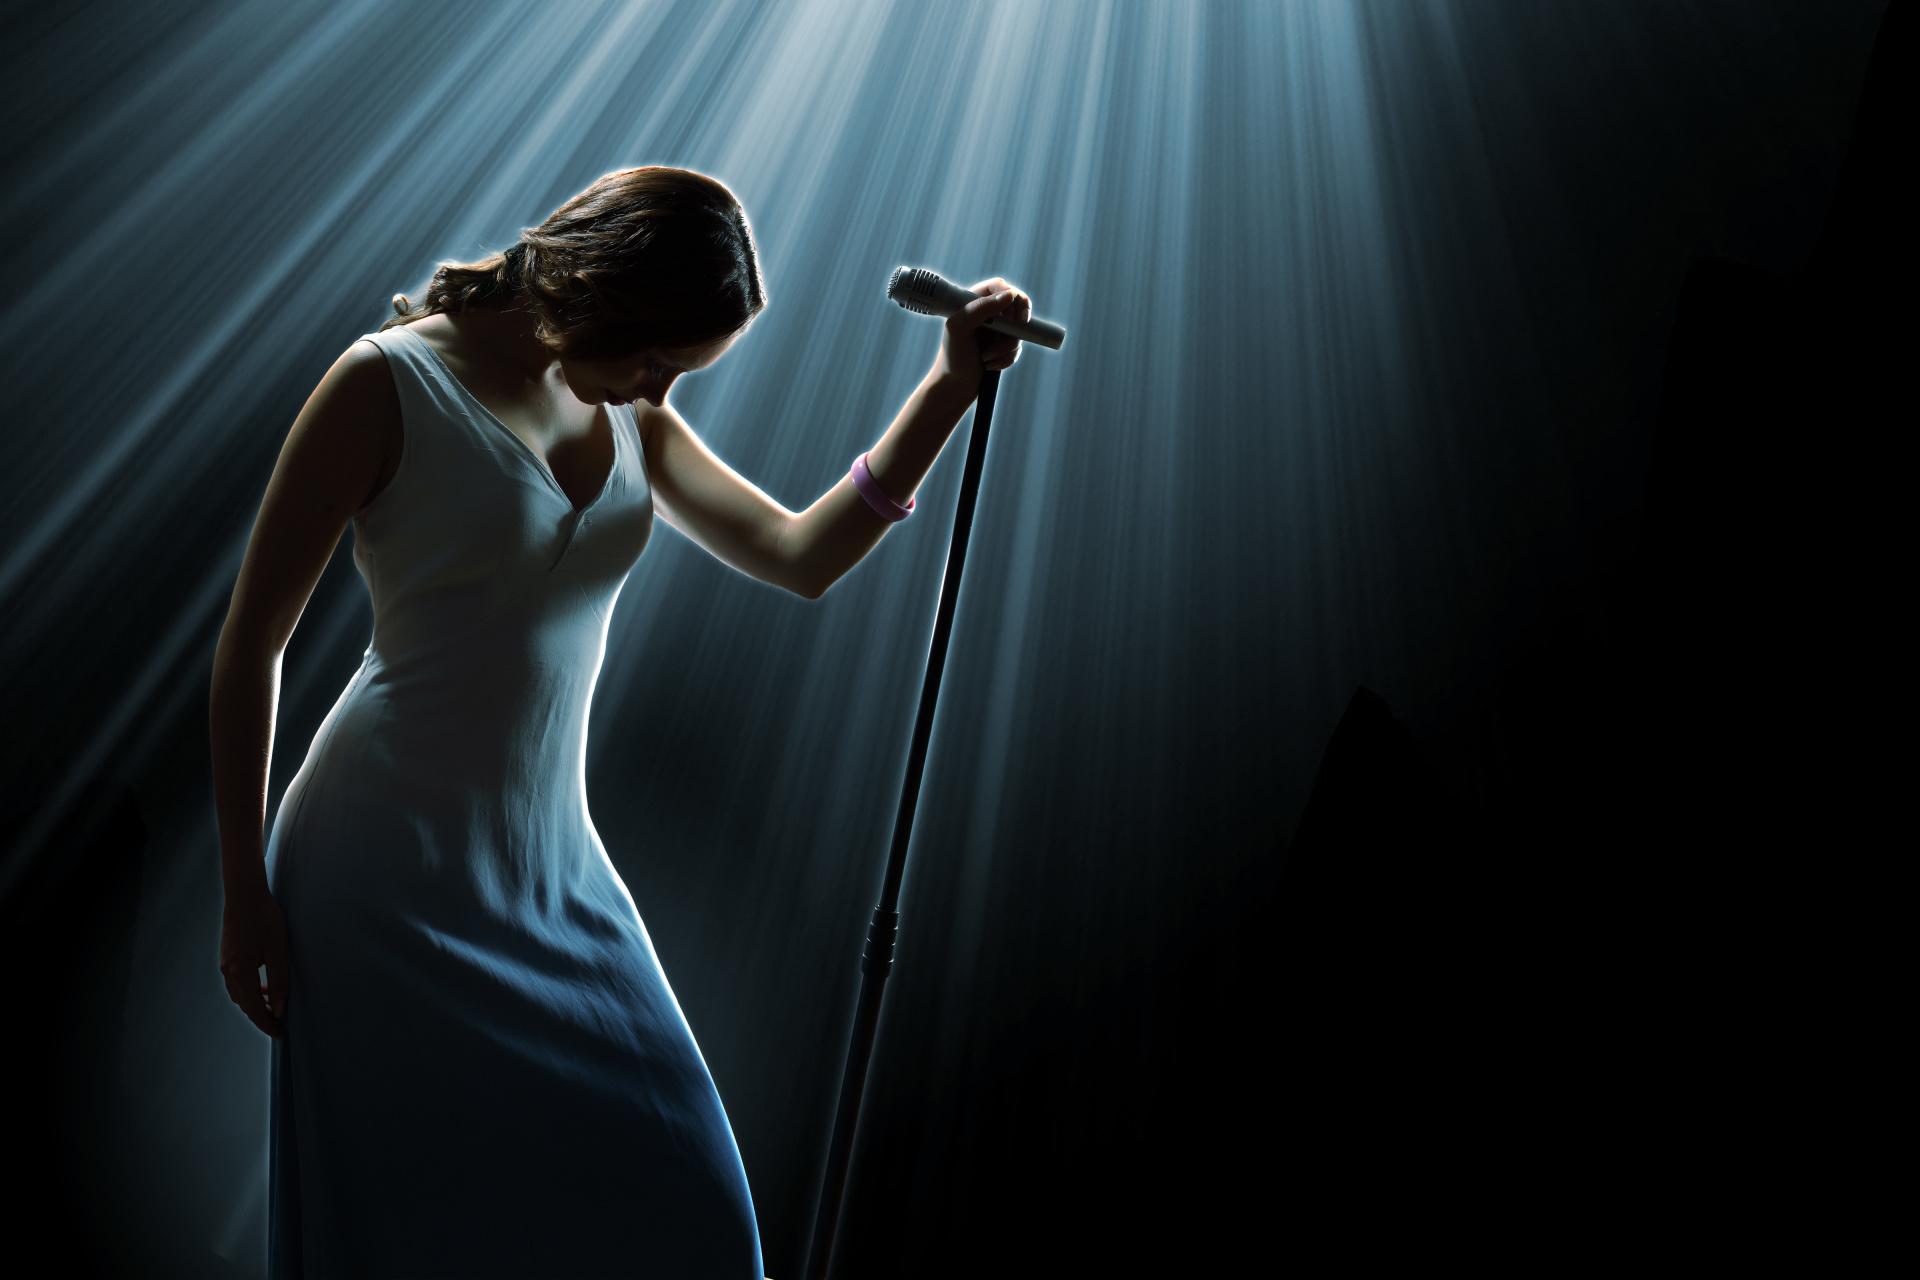 Singer performance tips